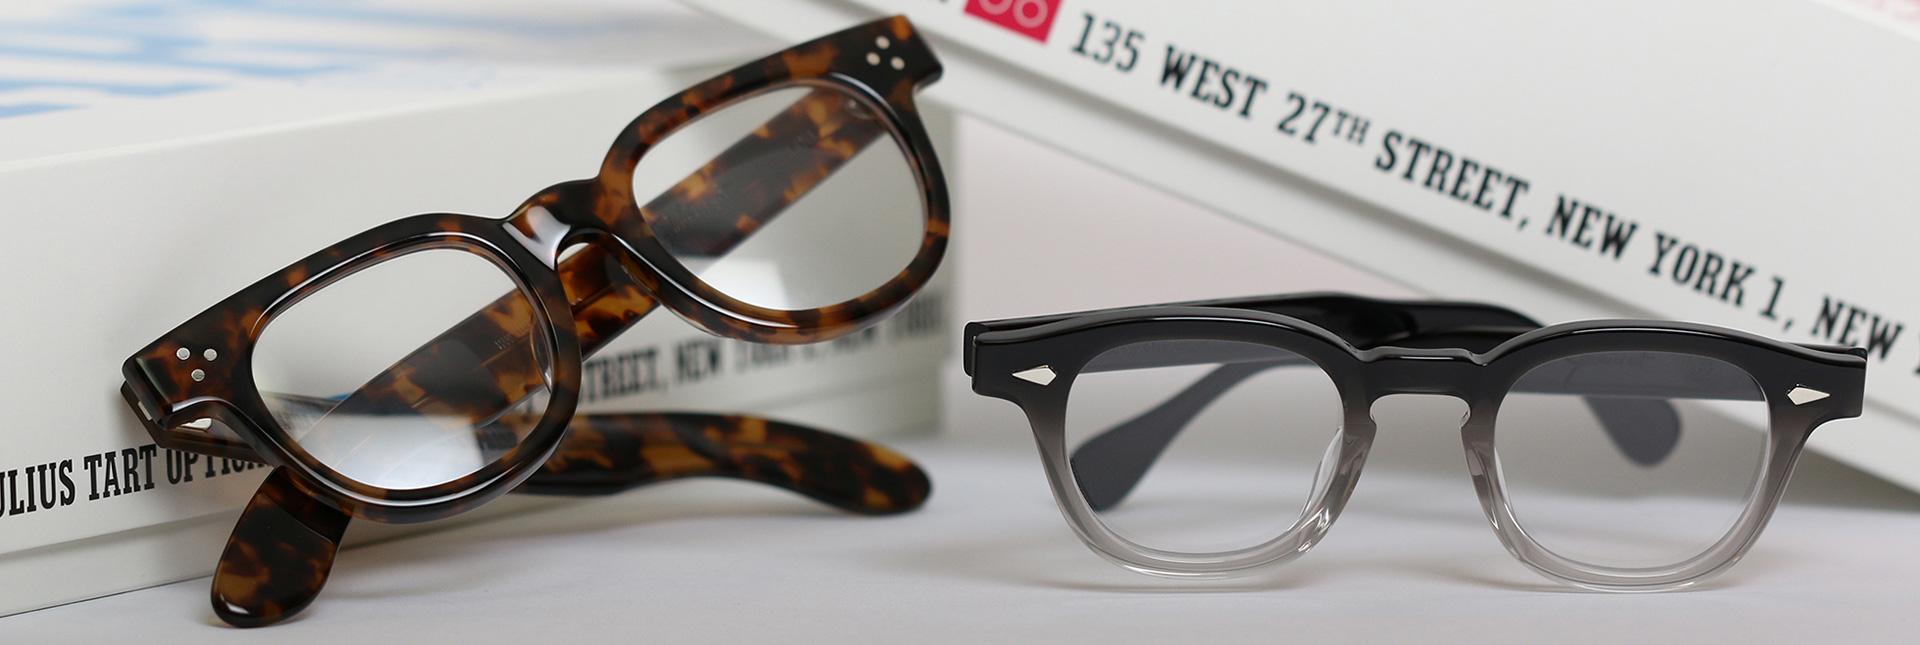 Julius Tart Optical® Eyeglasses